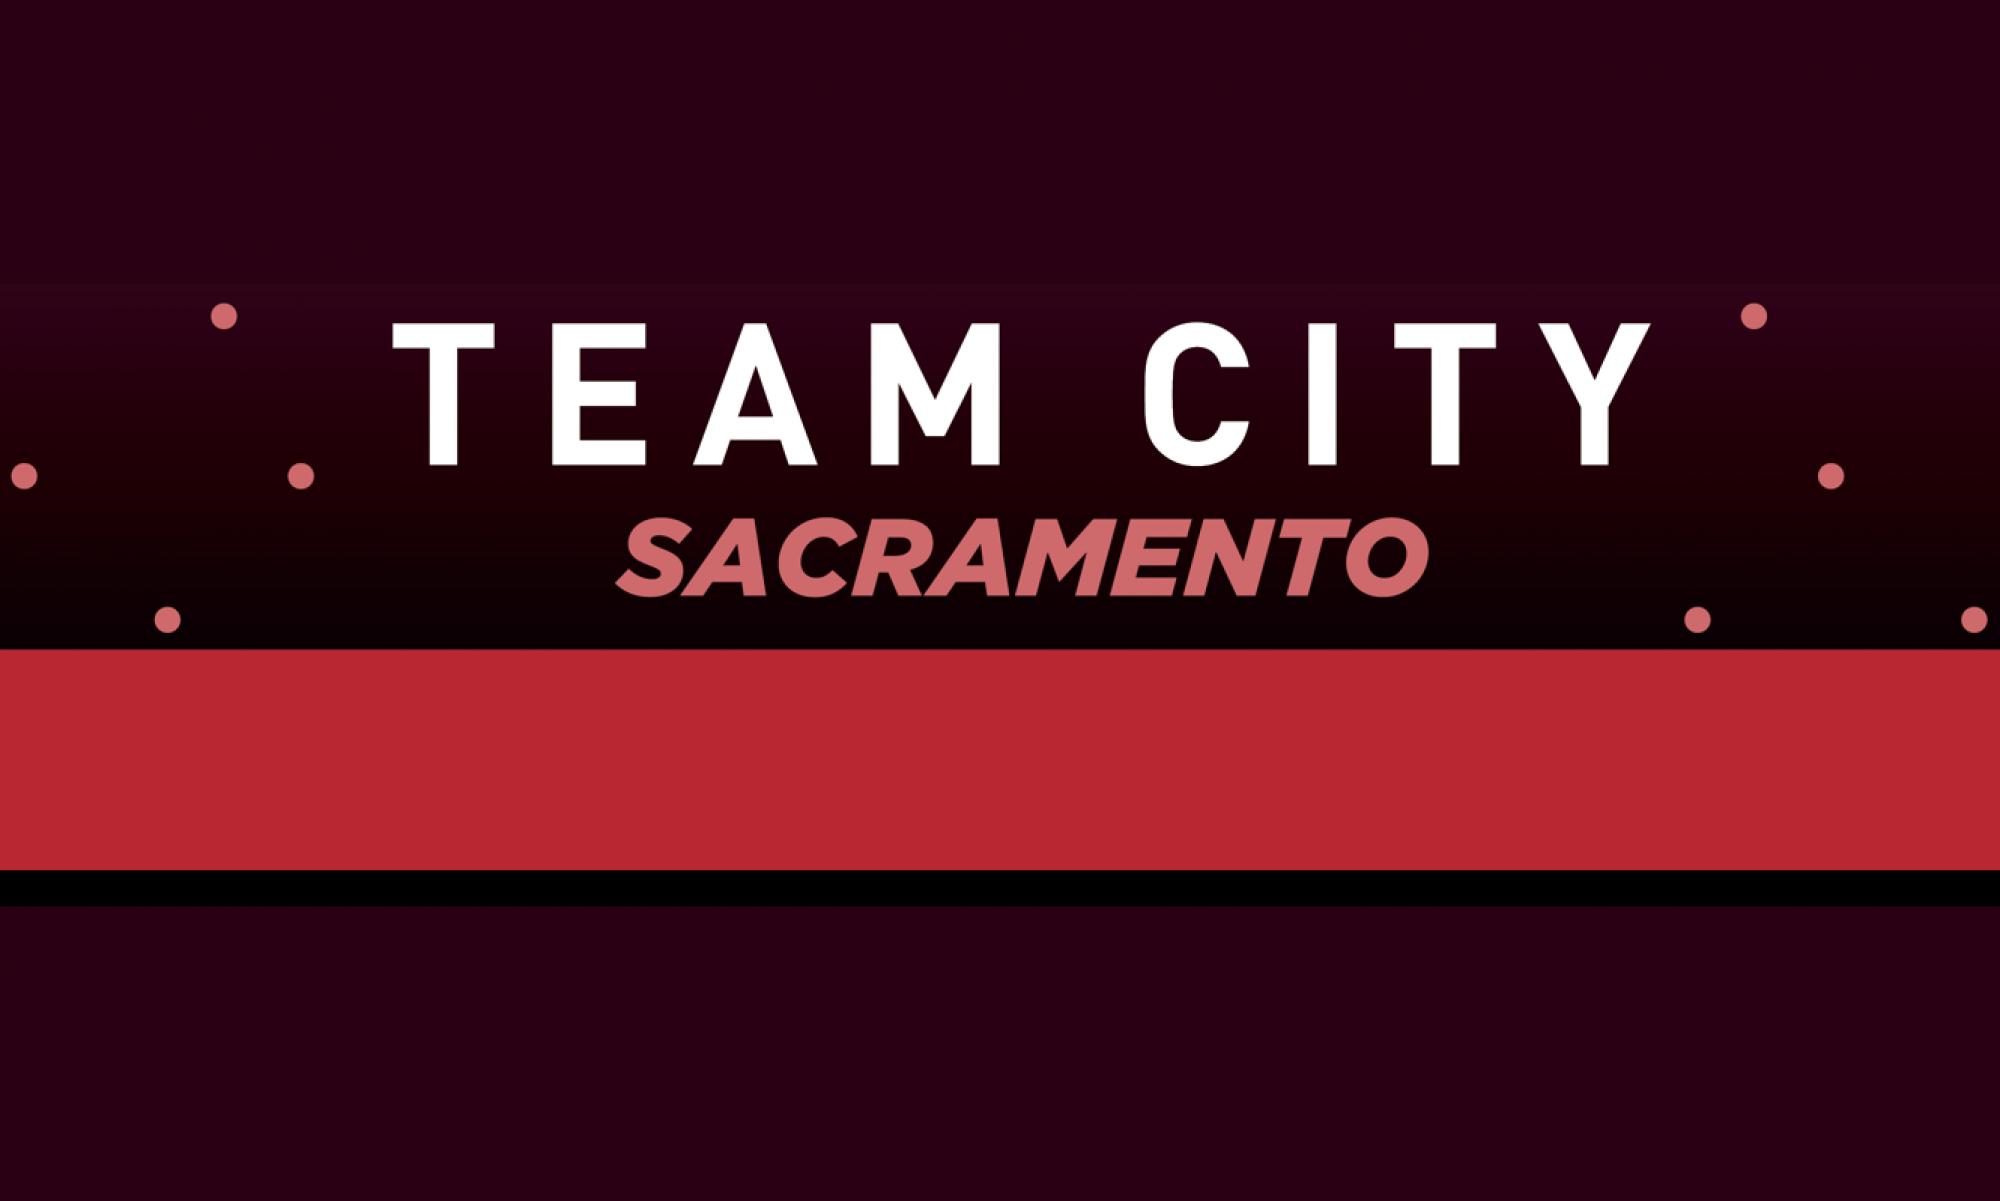 Team City Sacramento